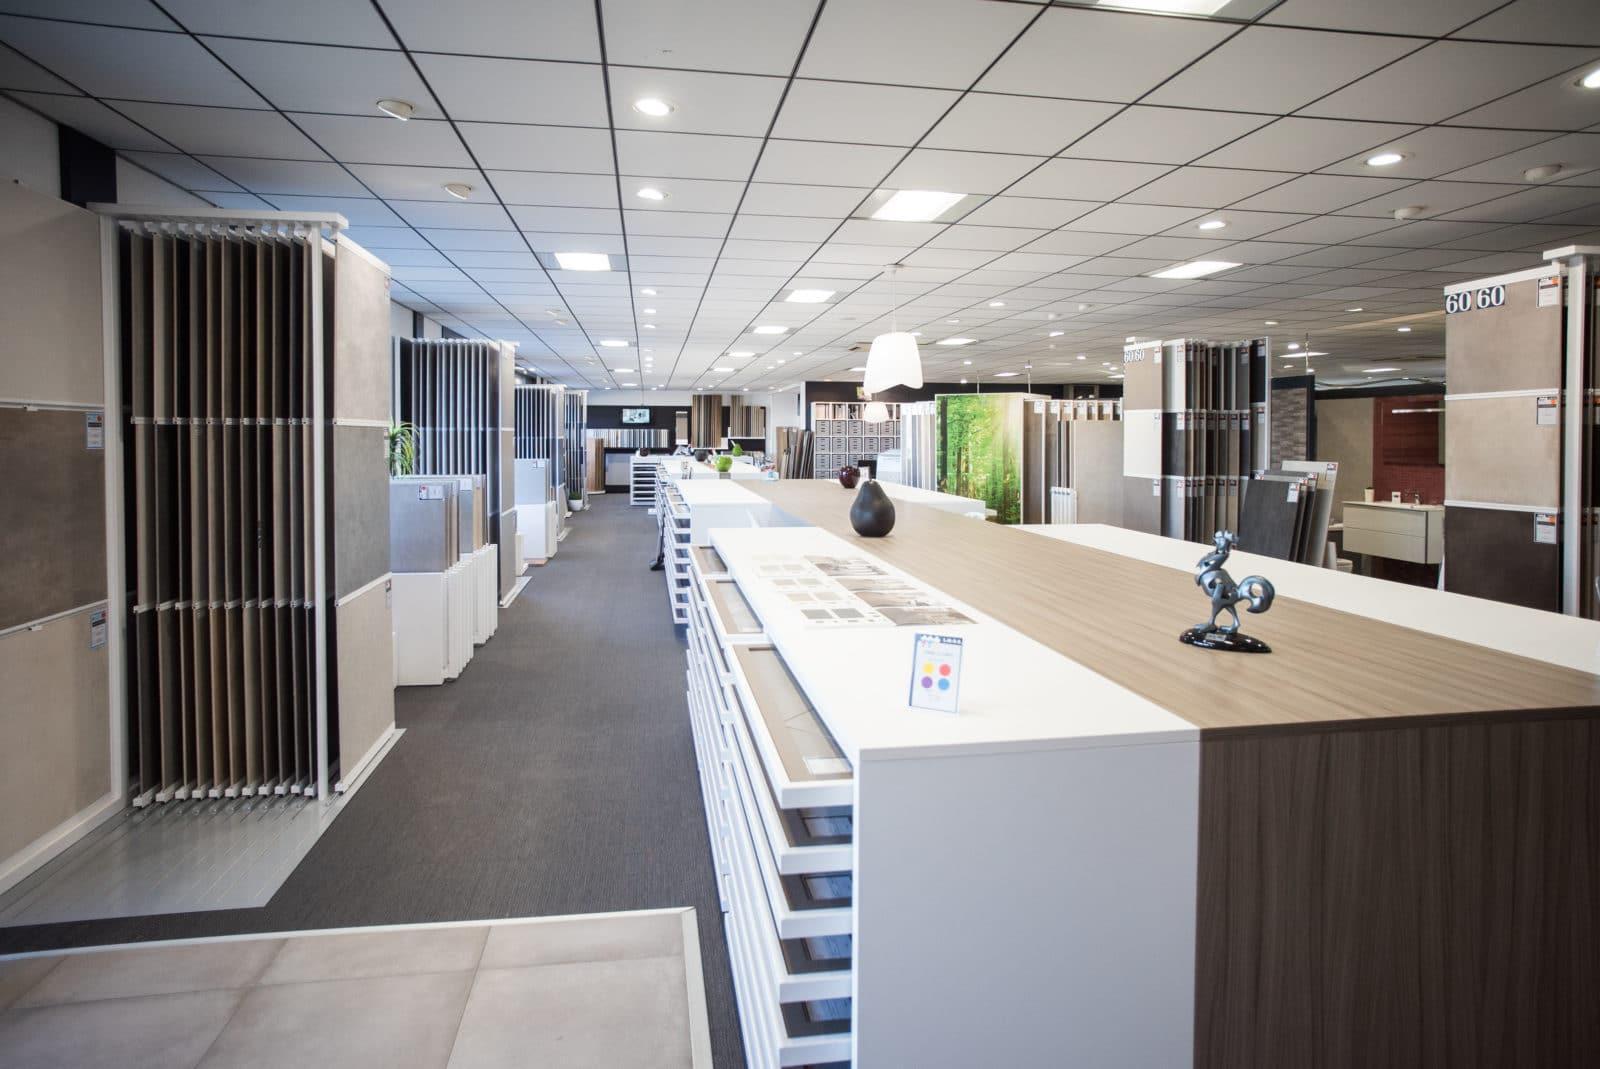 showroom 600m salle de bain et carrelage toulouse balma lmcs la maison du carrelage. Black Bedroom Furniture Sets. Home Design Ideas